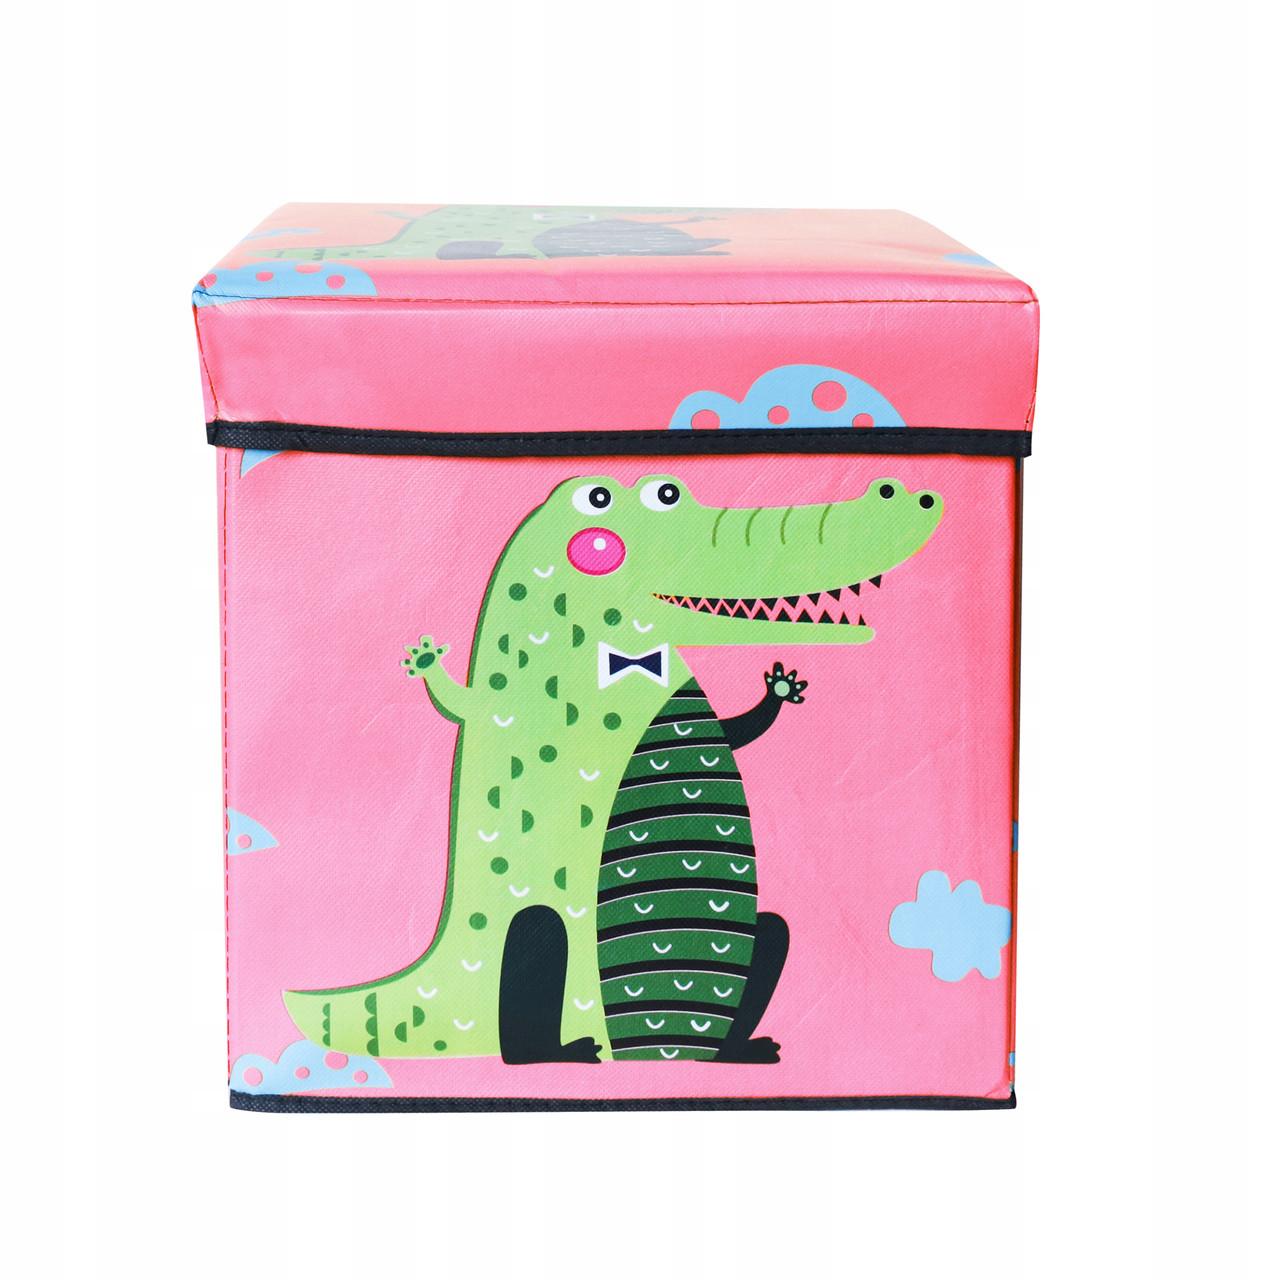 Корзина для игрушек MR 0364-1(Pink) (Крокодил) ящик, пуф, 31-31-31см